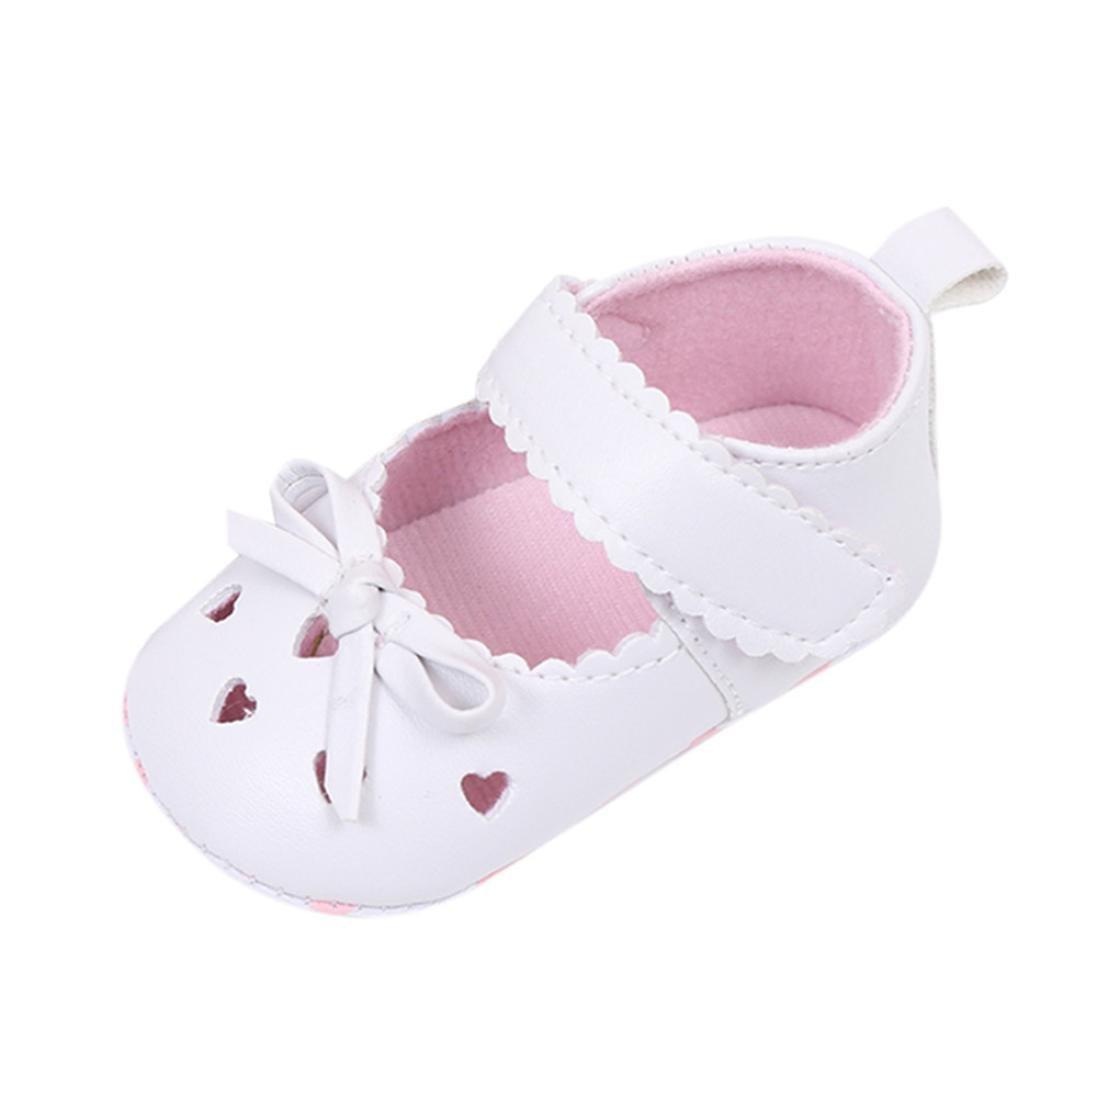 IGEMY Nouveau né Petites filles bébé Chaussures Doux Unique Antidérapant Baskets Bowknot Chaussures